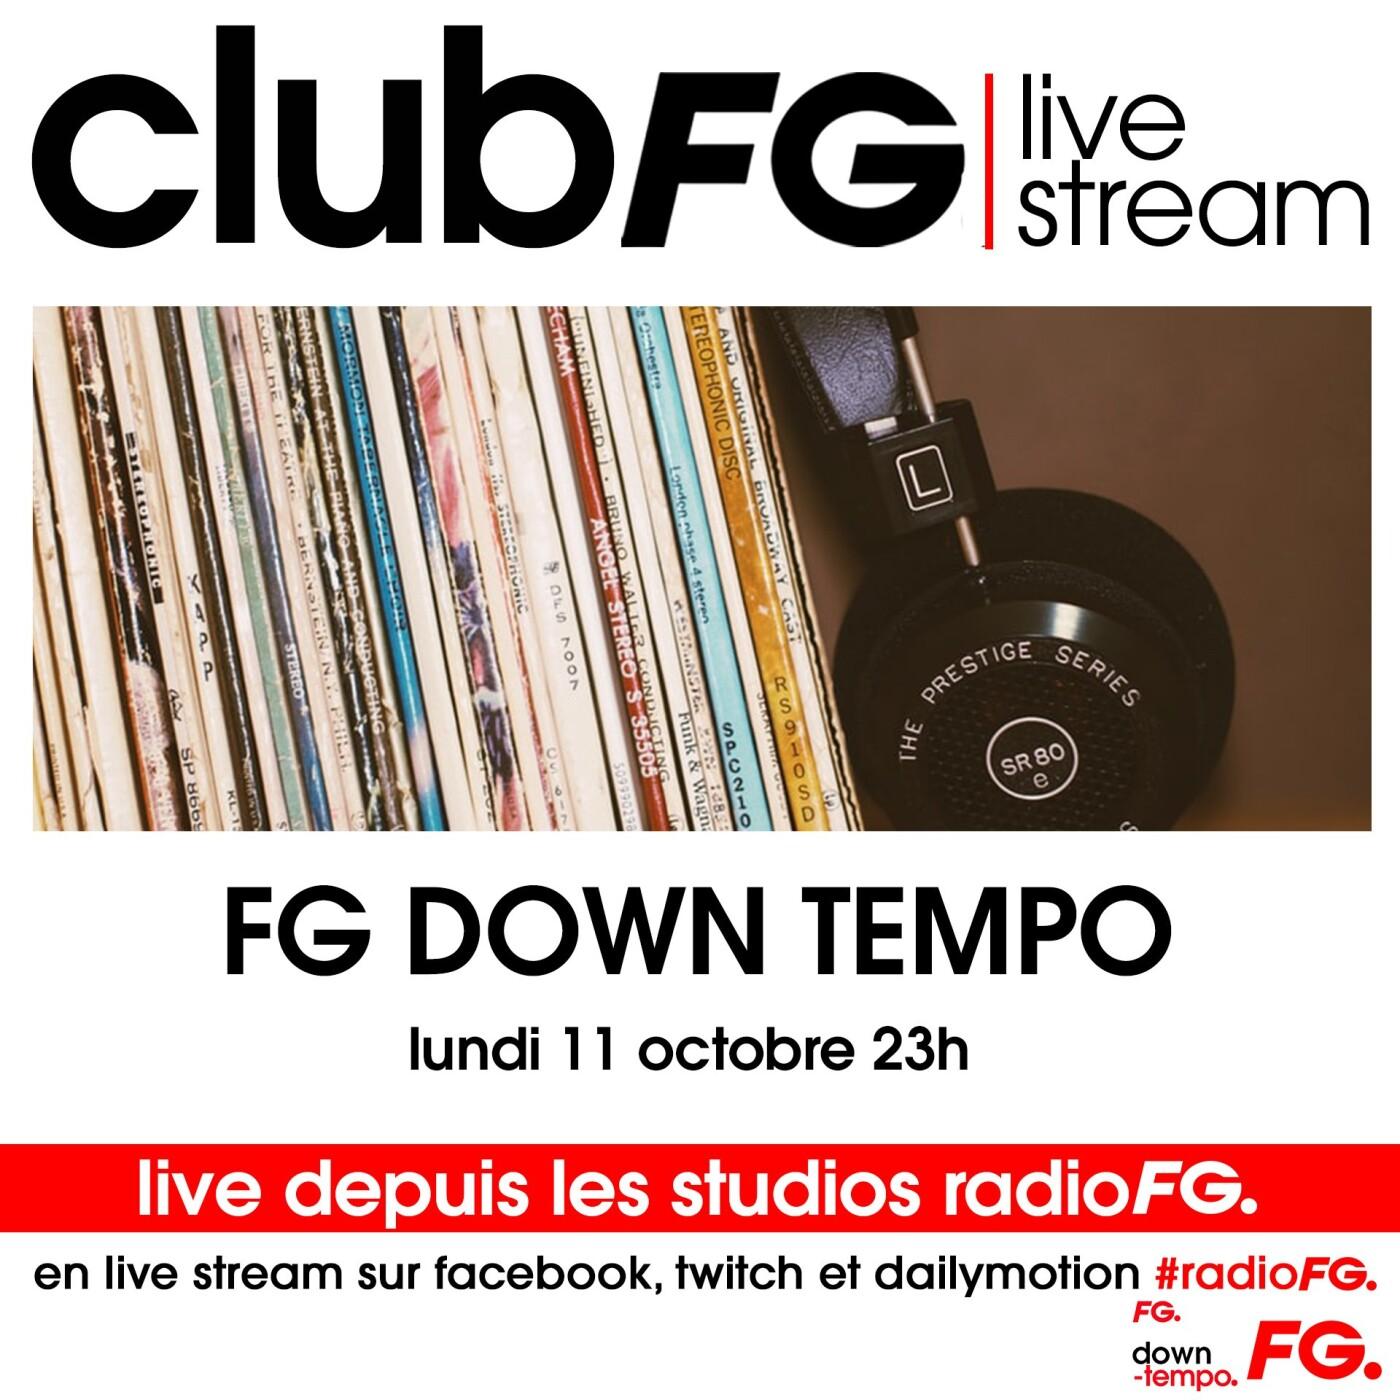 CLUB FG LIVE STREAM : FG DOWN TEMPO